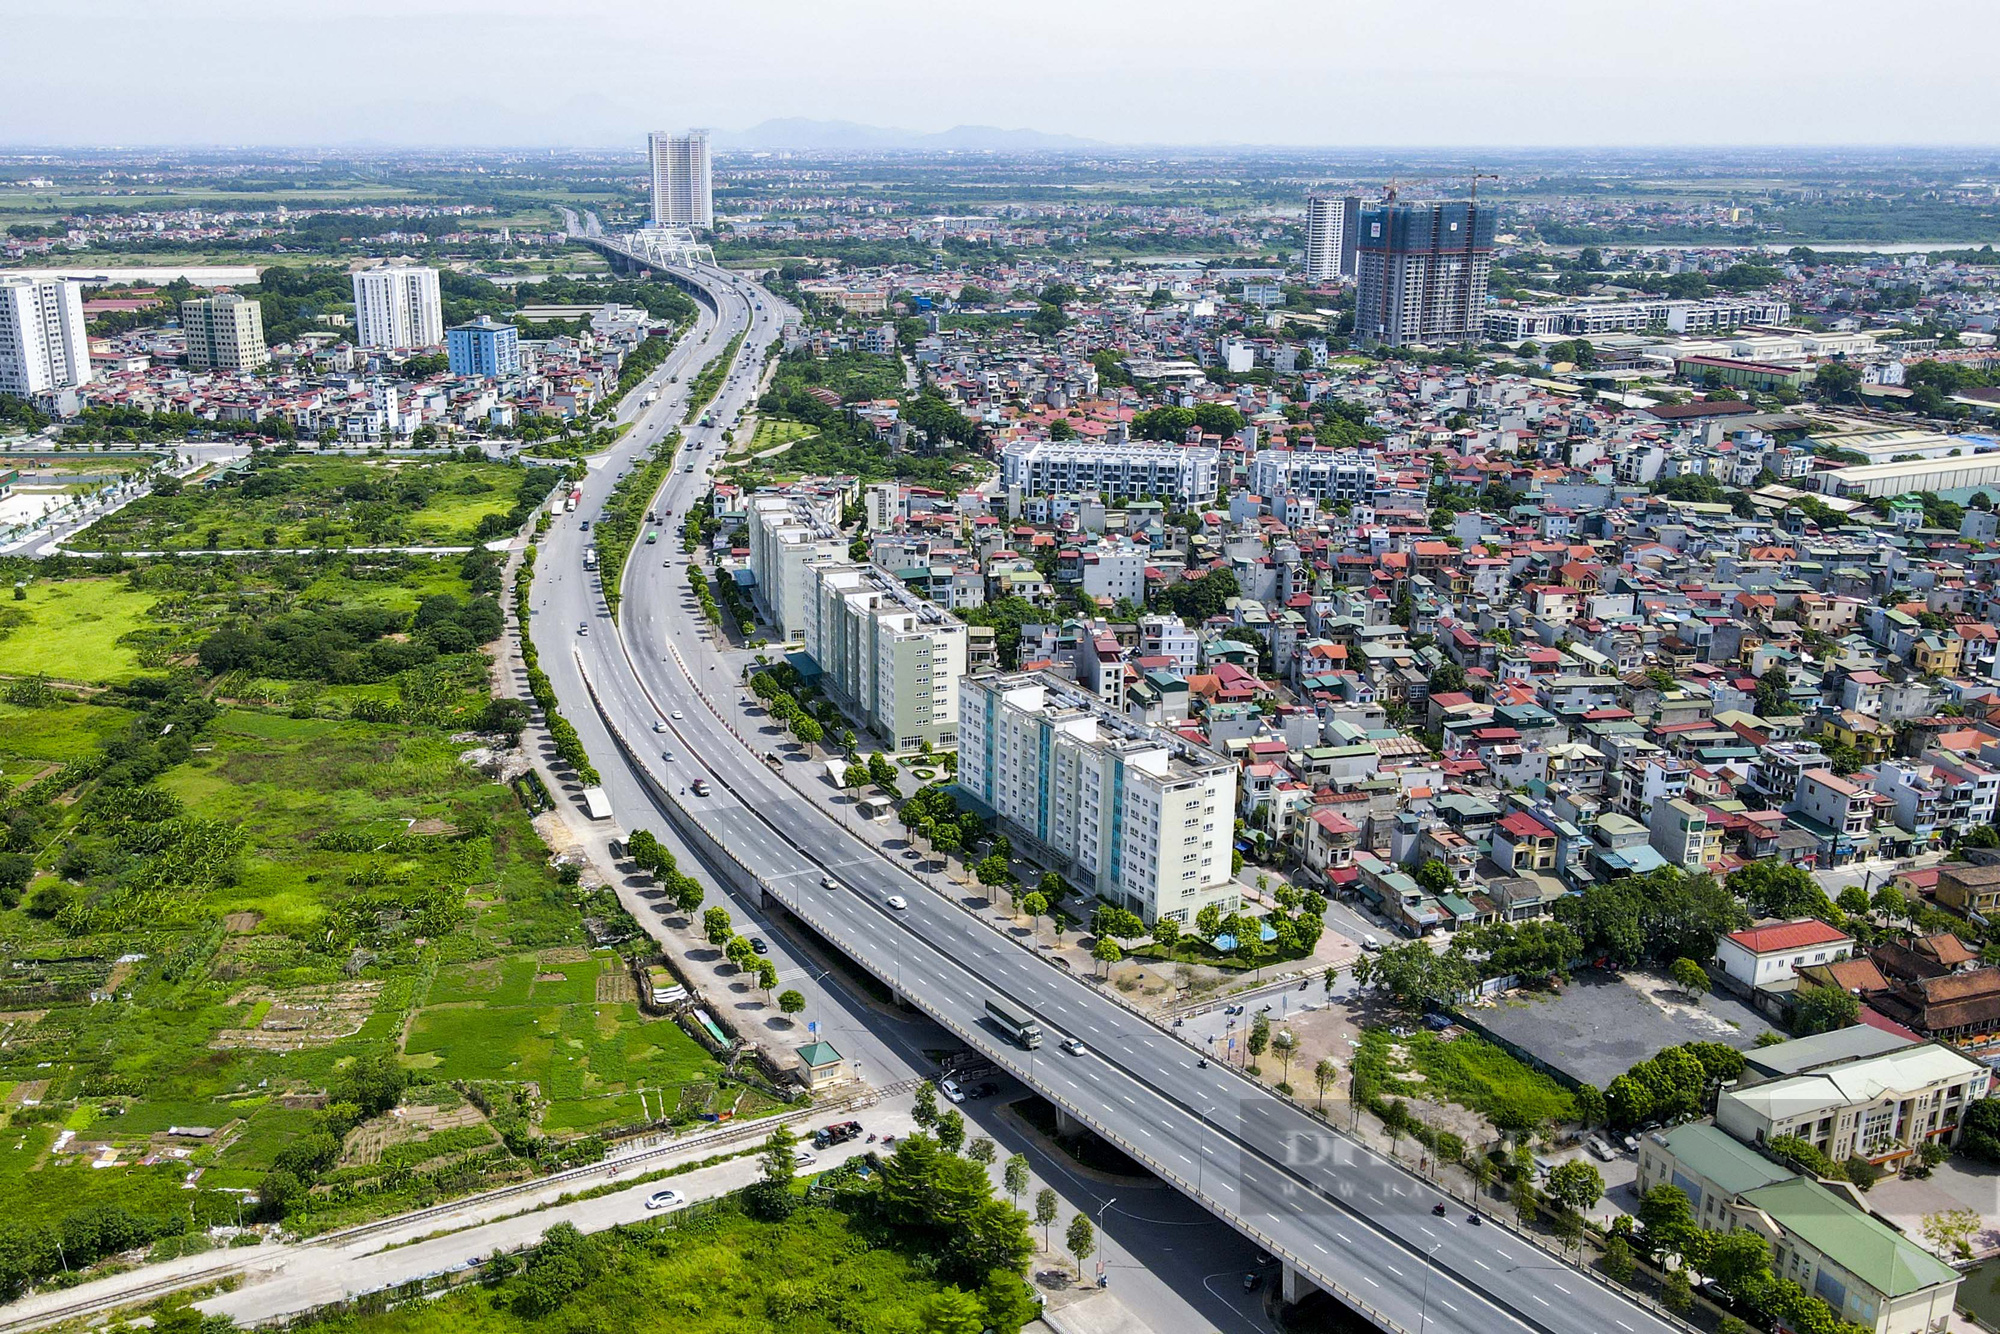 Điểm qua các khu nhà tái định cư được trưng dụng là bệnh viện dã chiến tại Hà Nội - Ảnh 9.